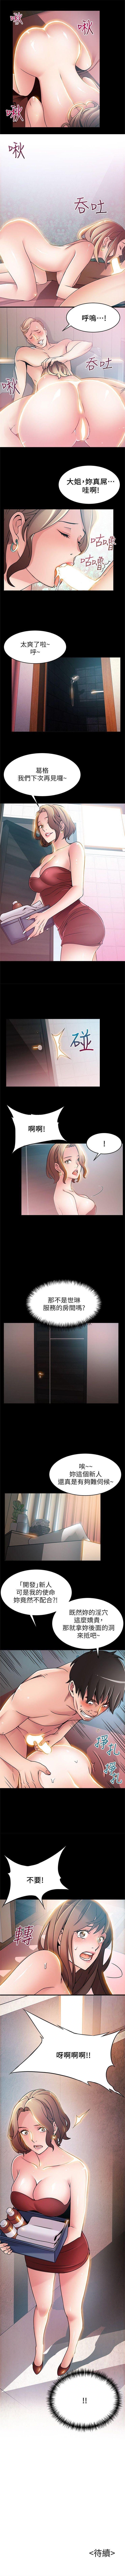 弱点 1-64 中文翻译(更新中) 172